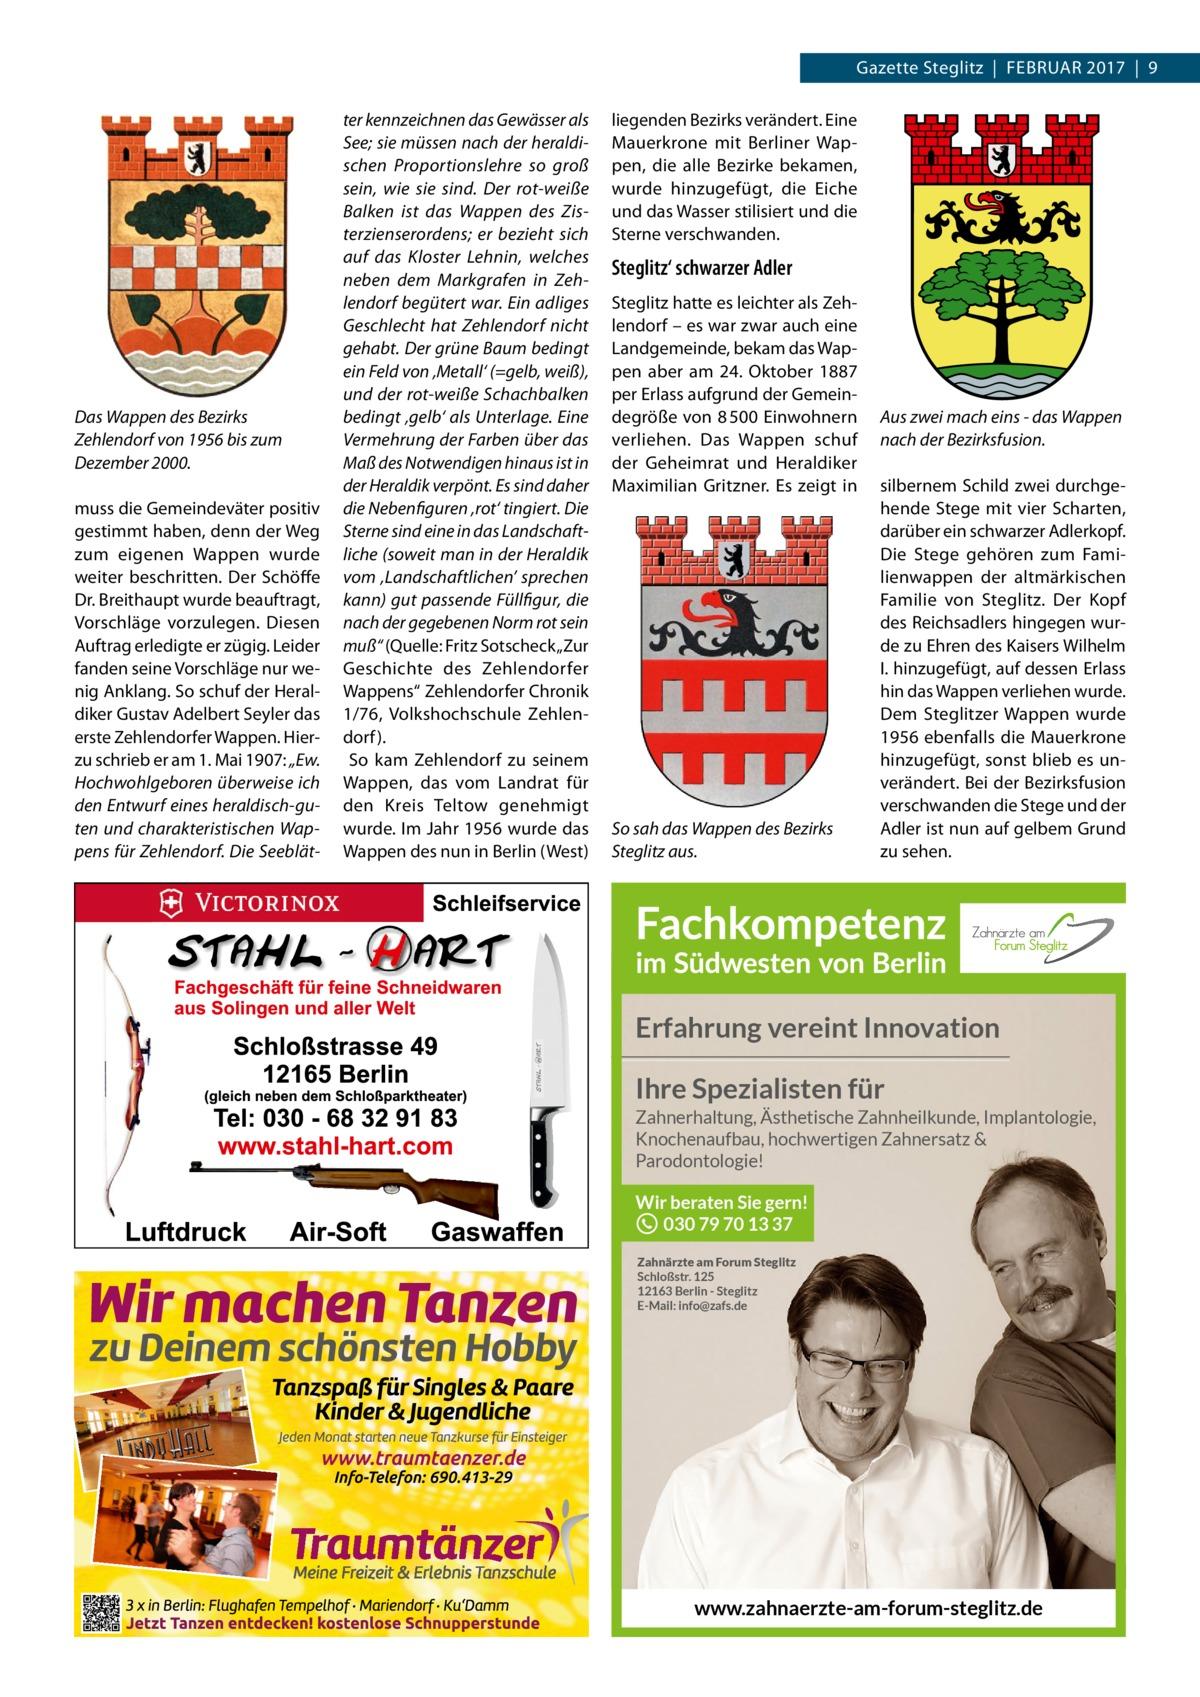 """Gazette Steglitz Februar 2017 9  Das Wappen des Bezirks Zehlendorf von 1956 bis zum Dezember 2000. muss die Gemeindeväter positiv gestimmt haben, denn der Weg zum eigenen Wappen wurde weiter beschritten. Der Schöffe Dr.breithaupt wurde beauftragt, Vorschläge vorzulegen. Diesen auftrag erledigte er zügig. Leider fanden seine Vorschläge nur wenig anklang. So schuf der Heraldiker Gustav adelbert Seyler das erste Zehlendorfer Wappen. Hierzu schrieb er am 1.Mai 1907: """"Ew. Hochwohlgeboren überweise ich den Entwurf eines heraldisch-guten und charakteristischen Wappens für Zehlendorf. Die Seeblät ter kennzeichnen das Gewässer als See; sie müssen nach der heraldischen Proportionslehre so groß sein, wie sie sind. Der rot-weiße Balken ist das Wappen des Zisterzienserordens; er bezieht sich auf das Kloster Lehnin, welches neben dem Markgrafen in Zehlendorf begütert war. Ein adliges Geschlecht hat Zehlendorf nicht gehabt. Der grüne Baum bedingt ein Feld von 'Metall' (=gelb, weiß), und der rot-weiße Schachbalken bedingt 'gelb' als Unterlage. Eine Vermehrung der Farben über das Maß des Notwendigen hinaus ist in der Heraldik verpönt. Es sind daher die Nebenfiguren 'rot' tingiert. Die Sterne sind eine in das Landschaftliche (soweit man in der Heraldik vom 'Landschaftlichen' sprechen kann) gut passende Füllfigur, die nach der gegebenen Norm rot sein muß"""" (Quelle: Fritz Sotscheck """"Zur Geschichte des Zehlendorfer Wappens"""" Zehlendorfer Chronik 1/76, Volkshochschule Zehlendorf ). So kam Zehlendorf zu seinem Wappen, das vom Landrat für den Kreis Teltow genehmigt wurde. Im Jahr 1956 wurde das Wappen des nun in berlin (West)  liegenden bezirks verändert. eine Mauerkrone mit berliner Wappen, die alle bezirke bekamen, wurde hinzugefügt, die eiche und das Wasser stilisiert und die Sterne verschwanden.  Steglitz' schwarzer Adler Steglitz hatte es leichter als Zehlendorf – es war zwar auch eine Landgemeinde, bekam das Wappen aber am 24. Oktober 1887 per erlass aufgrund der Gemeindegröße von 8 50"""